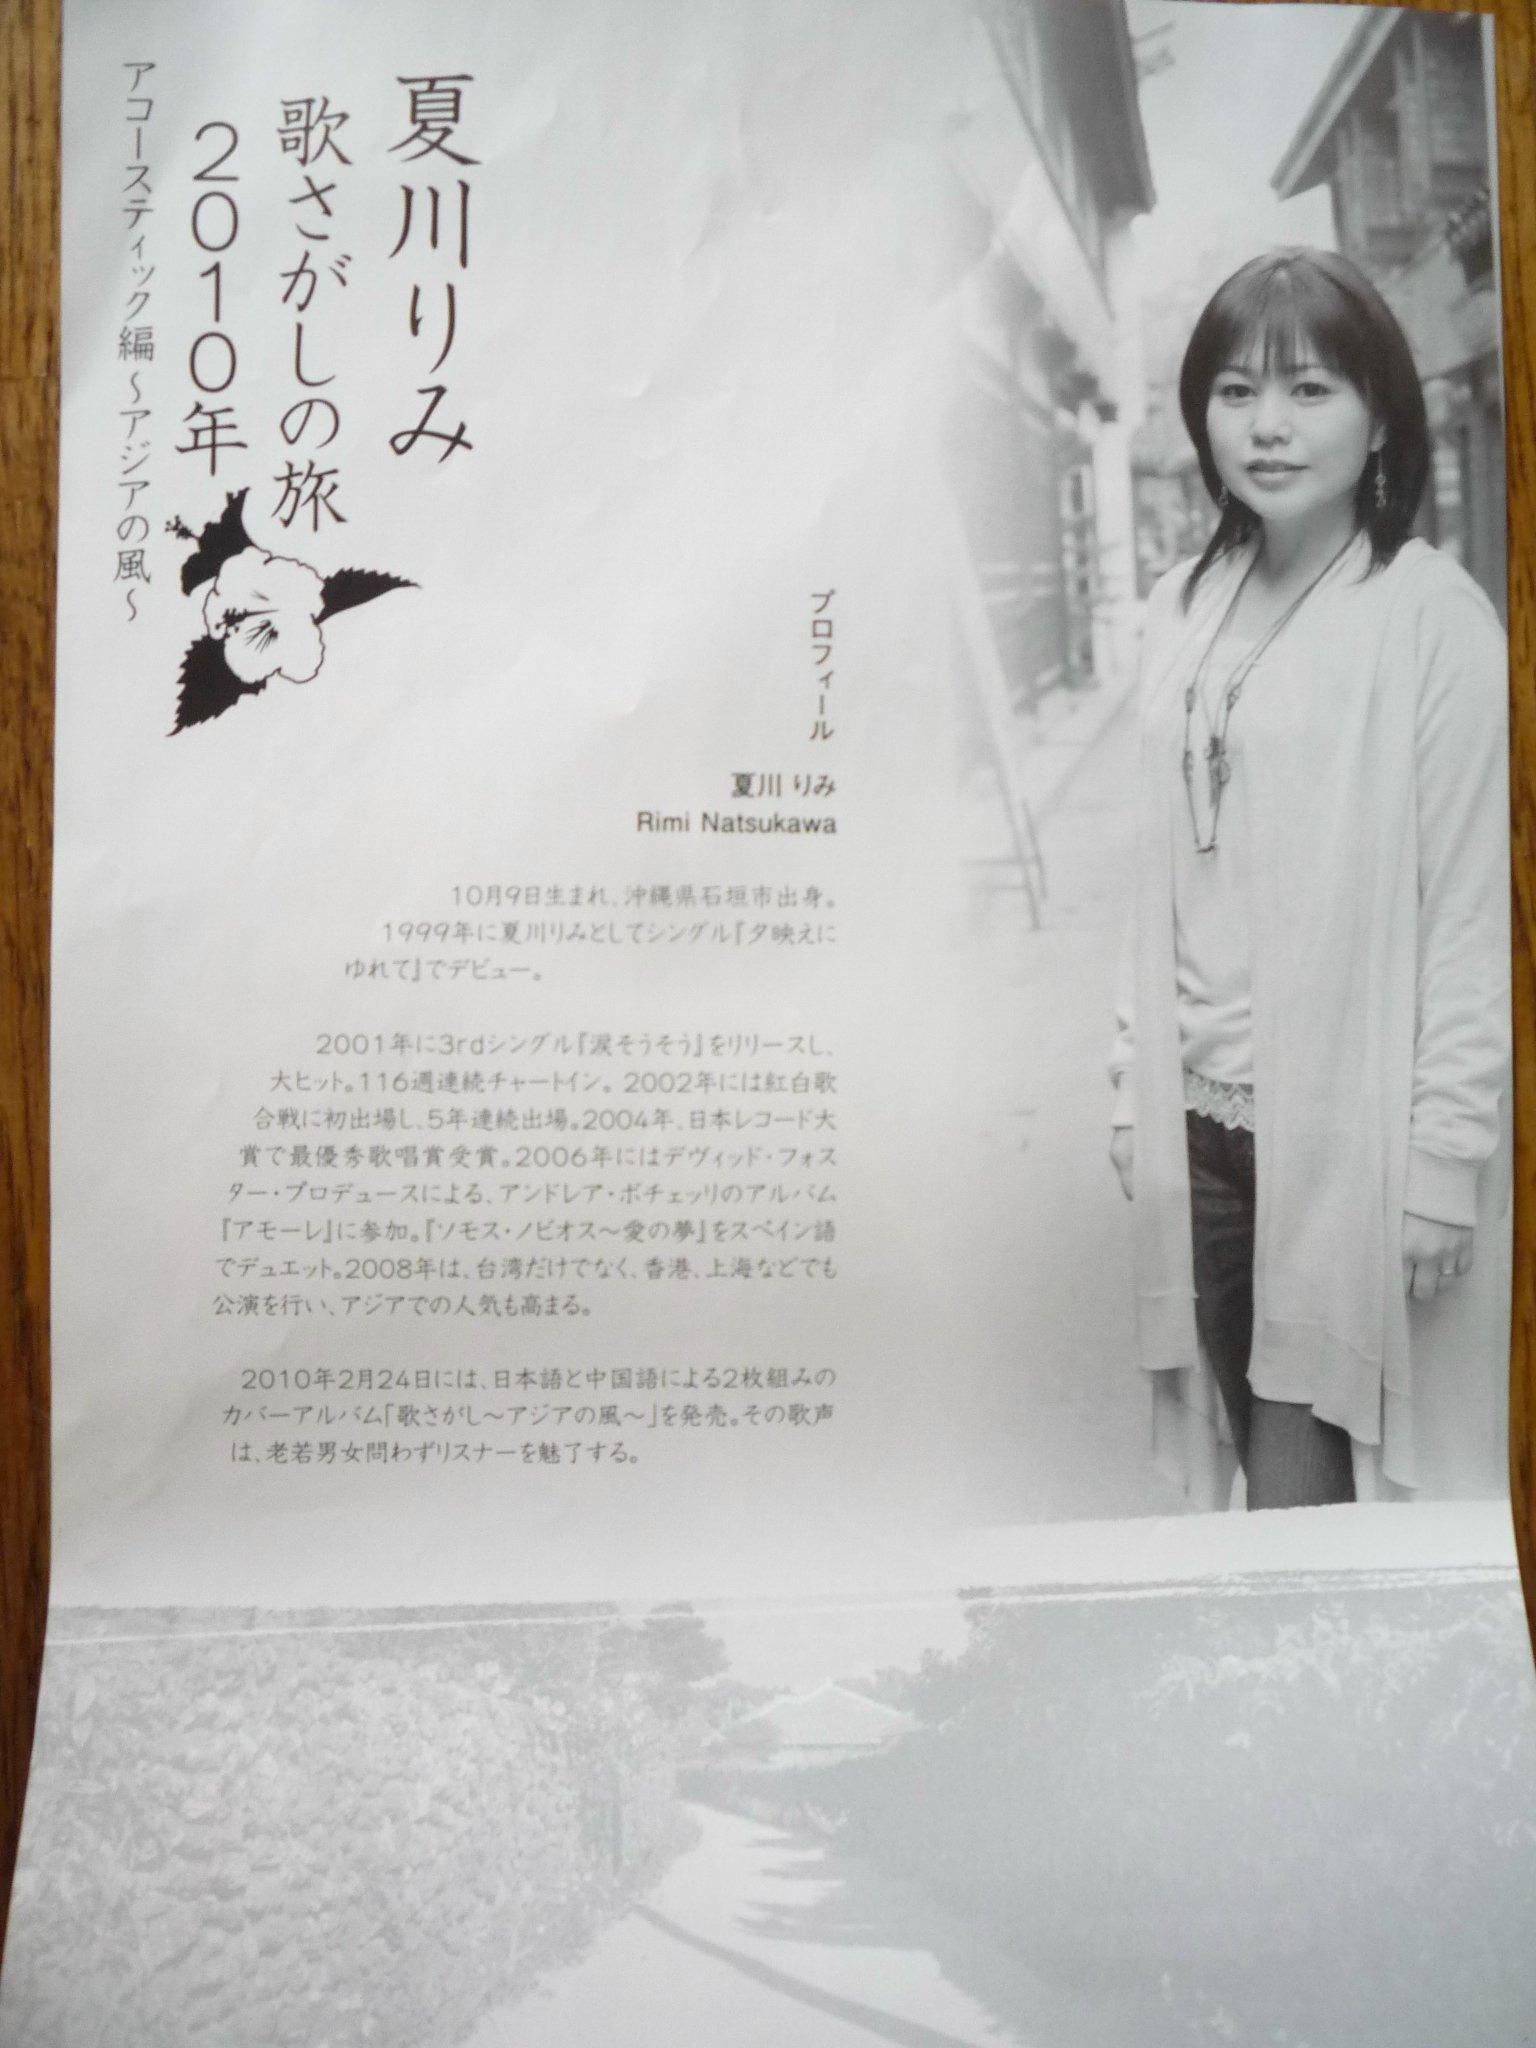 夏川りみの画像 p1_38